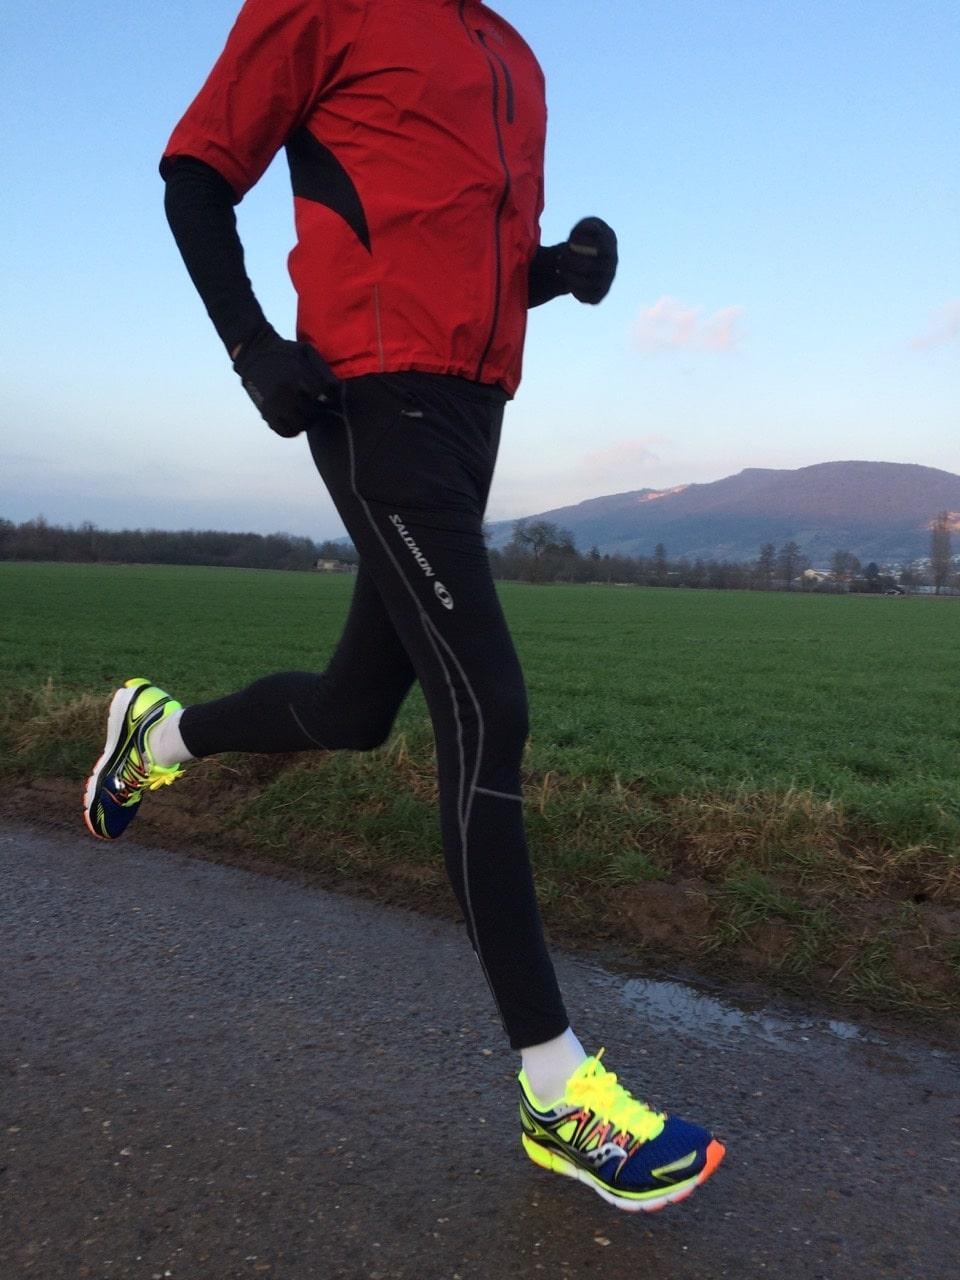 Laufschuh des Monats: Saucony Triumph ISO